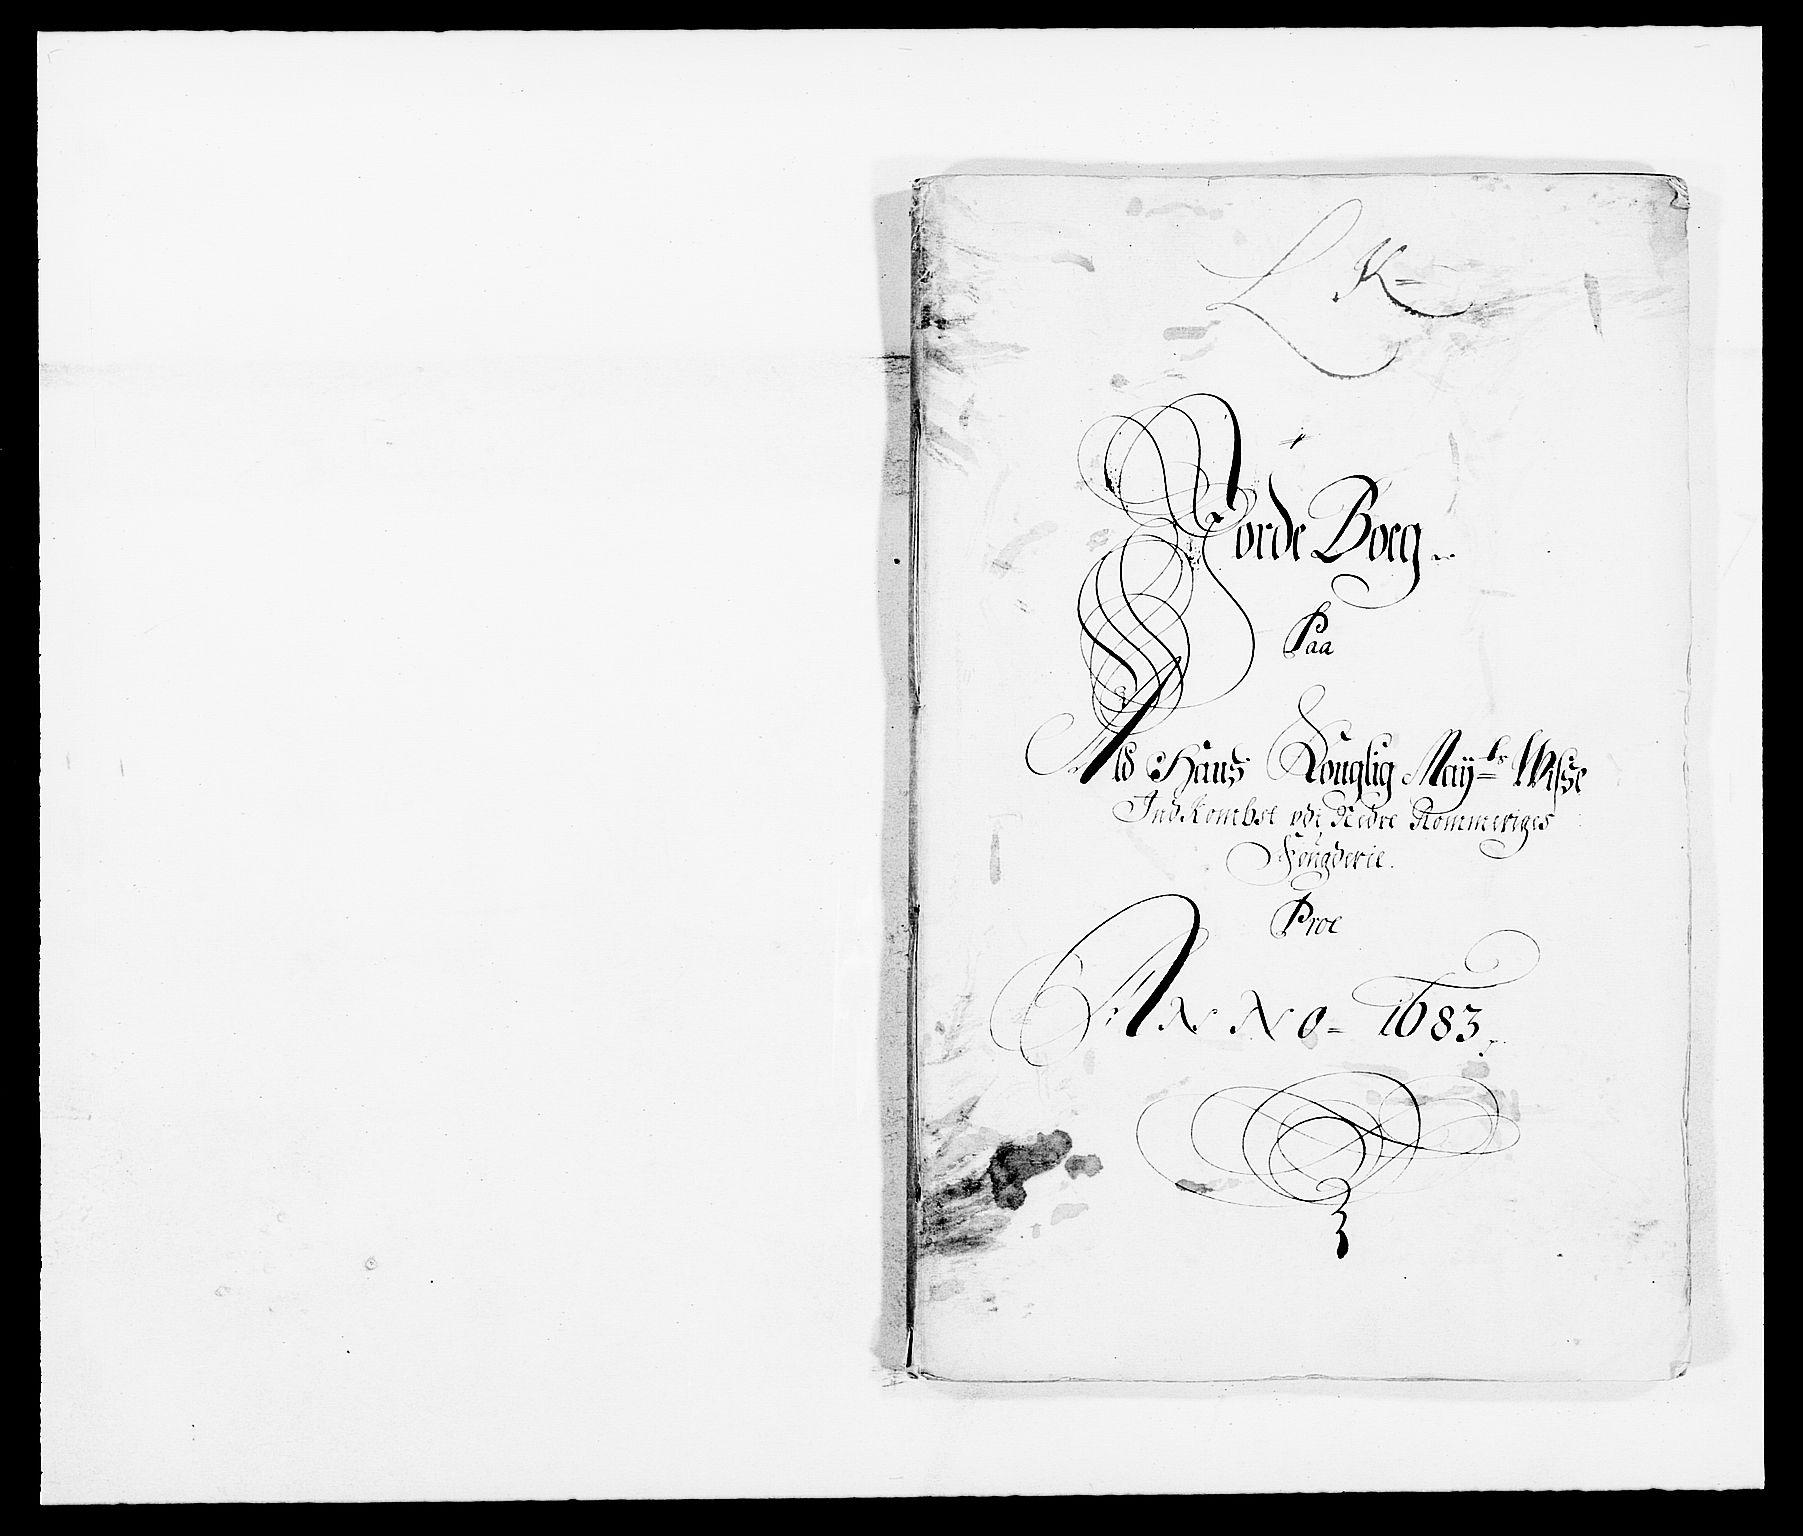 RA, Rentekammeret inntil 1814, Reviderte regnskaper, Fogderegnskap, R11/L0571: Fogderegnskap Nedre Romerike, 1683-1685, s. 14